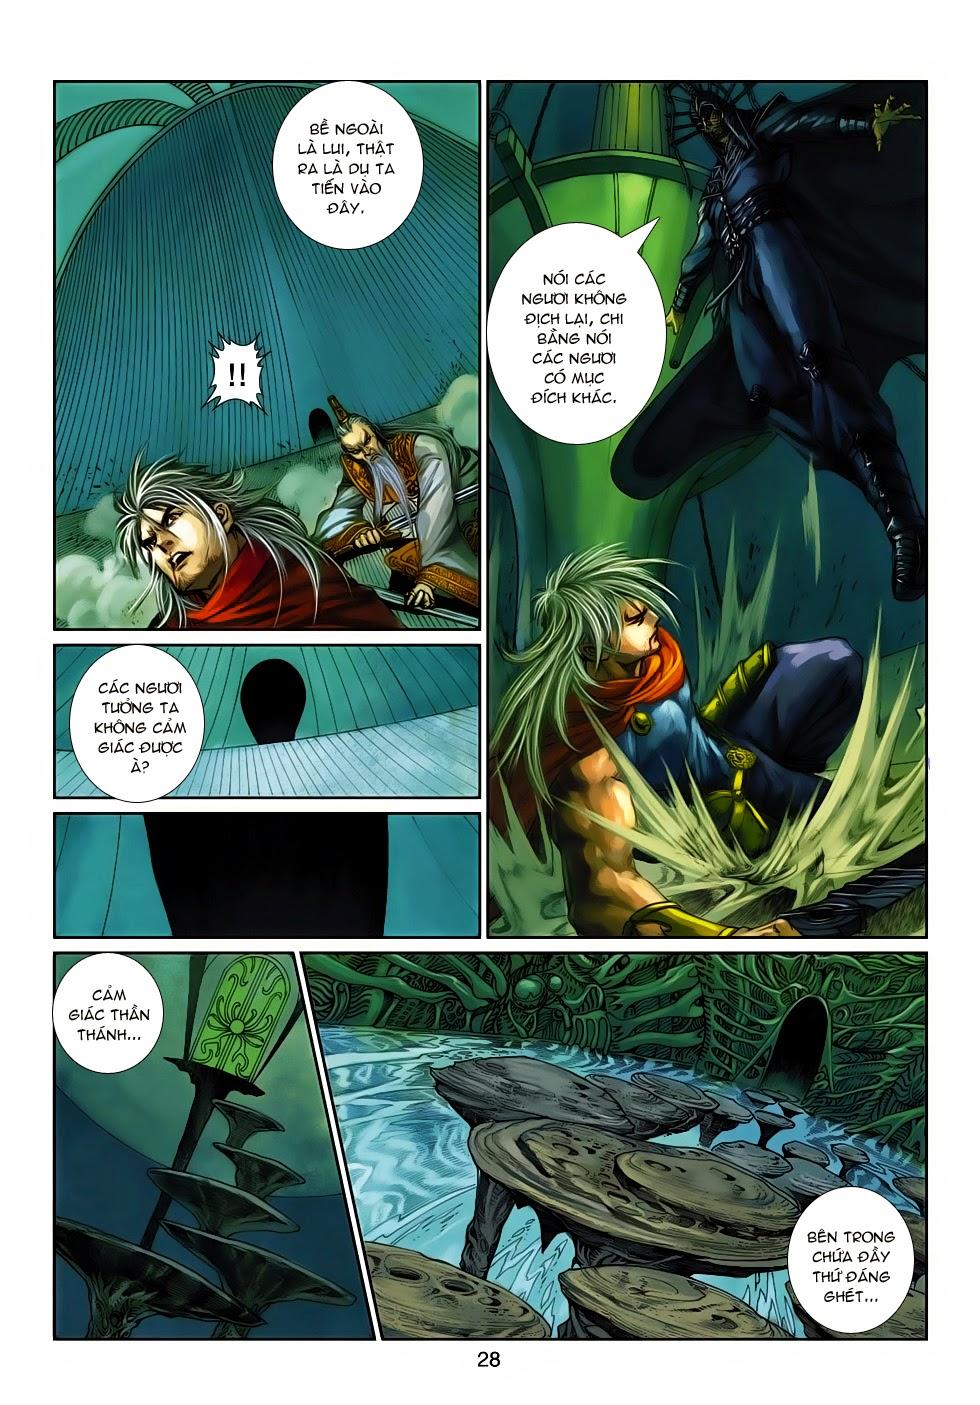 Thần Binh Tiền Truyện 4 - Huyền Thiên Tà Đế chap 14 - Trang 28